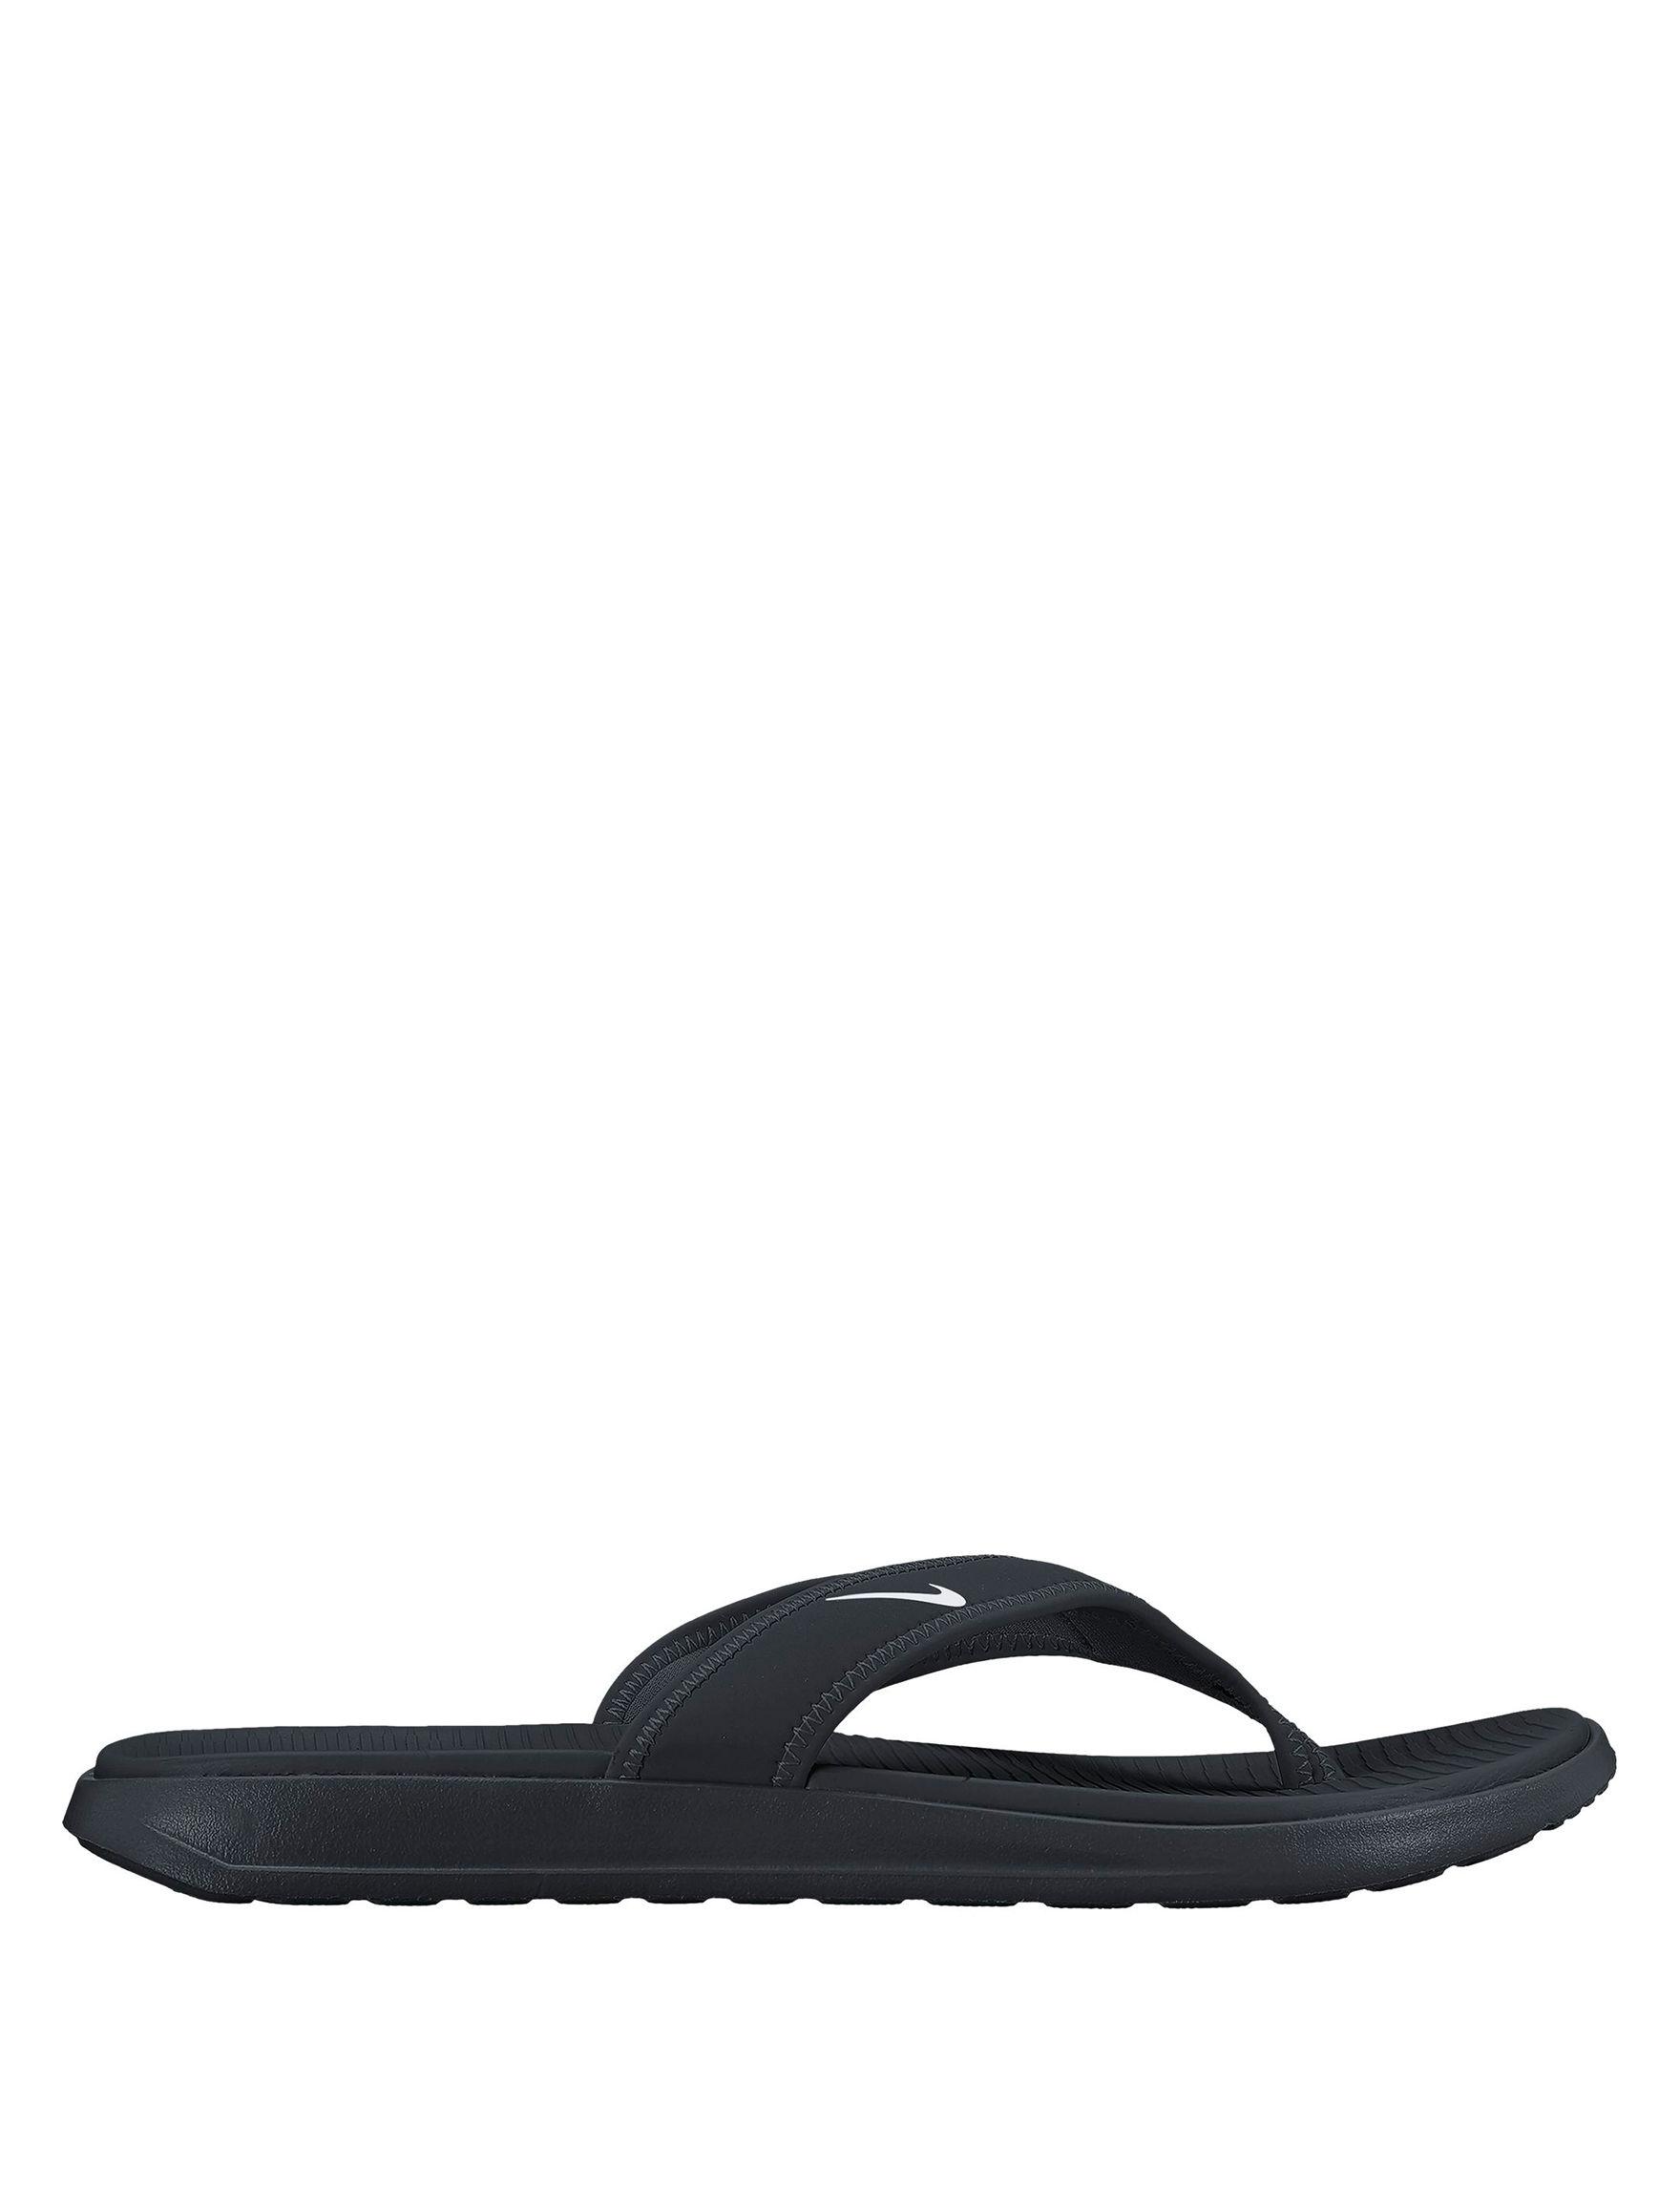 Nike Black / White Flip Flops